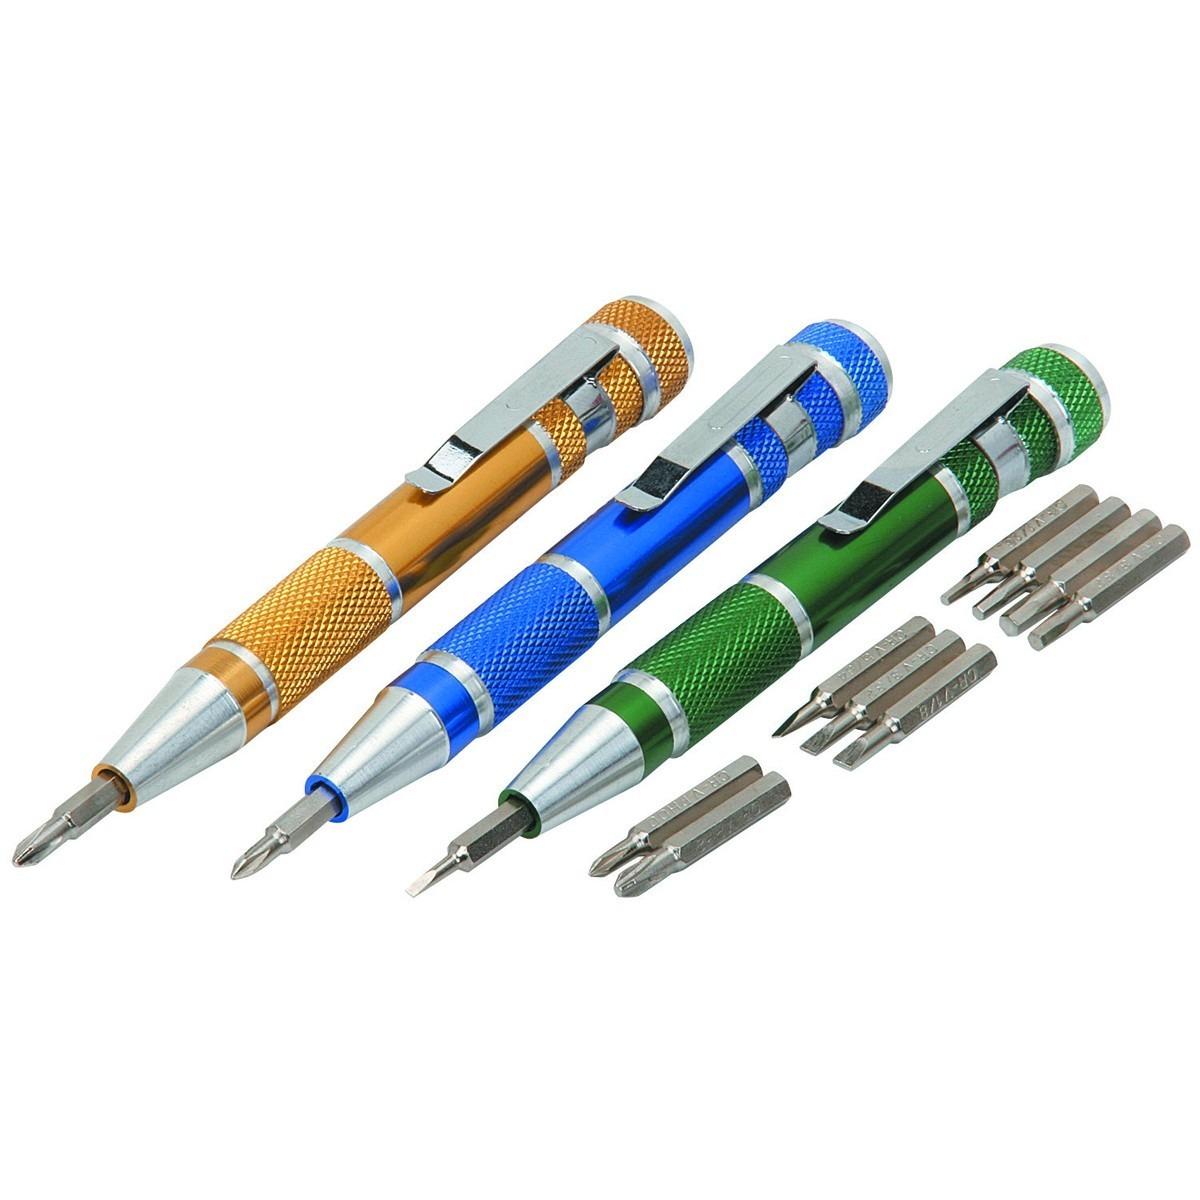 3 destornilladores de precisi n estilo pluma en - Destornilladores de precision ...